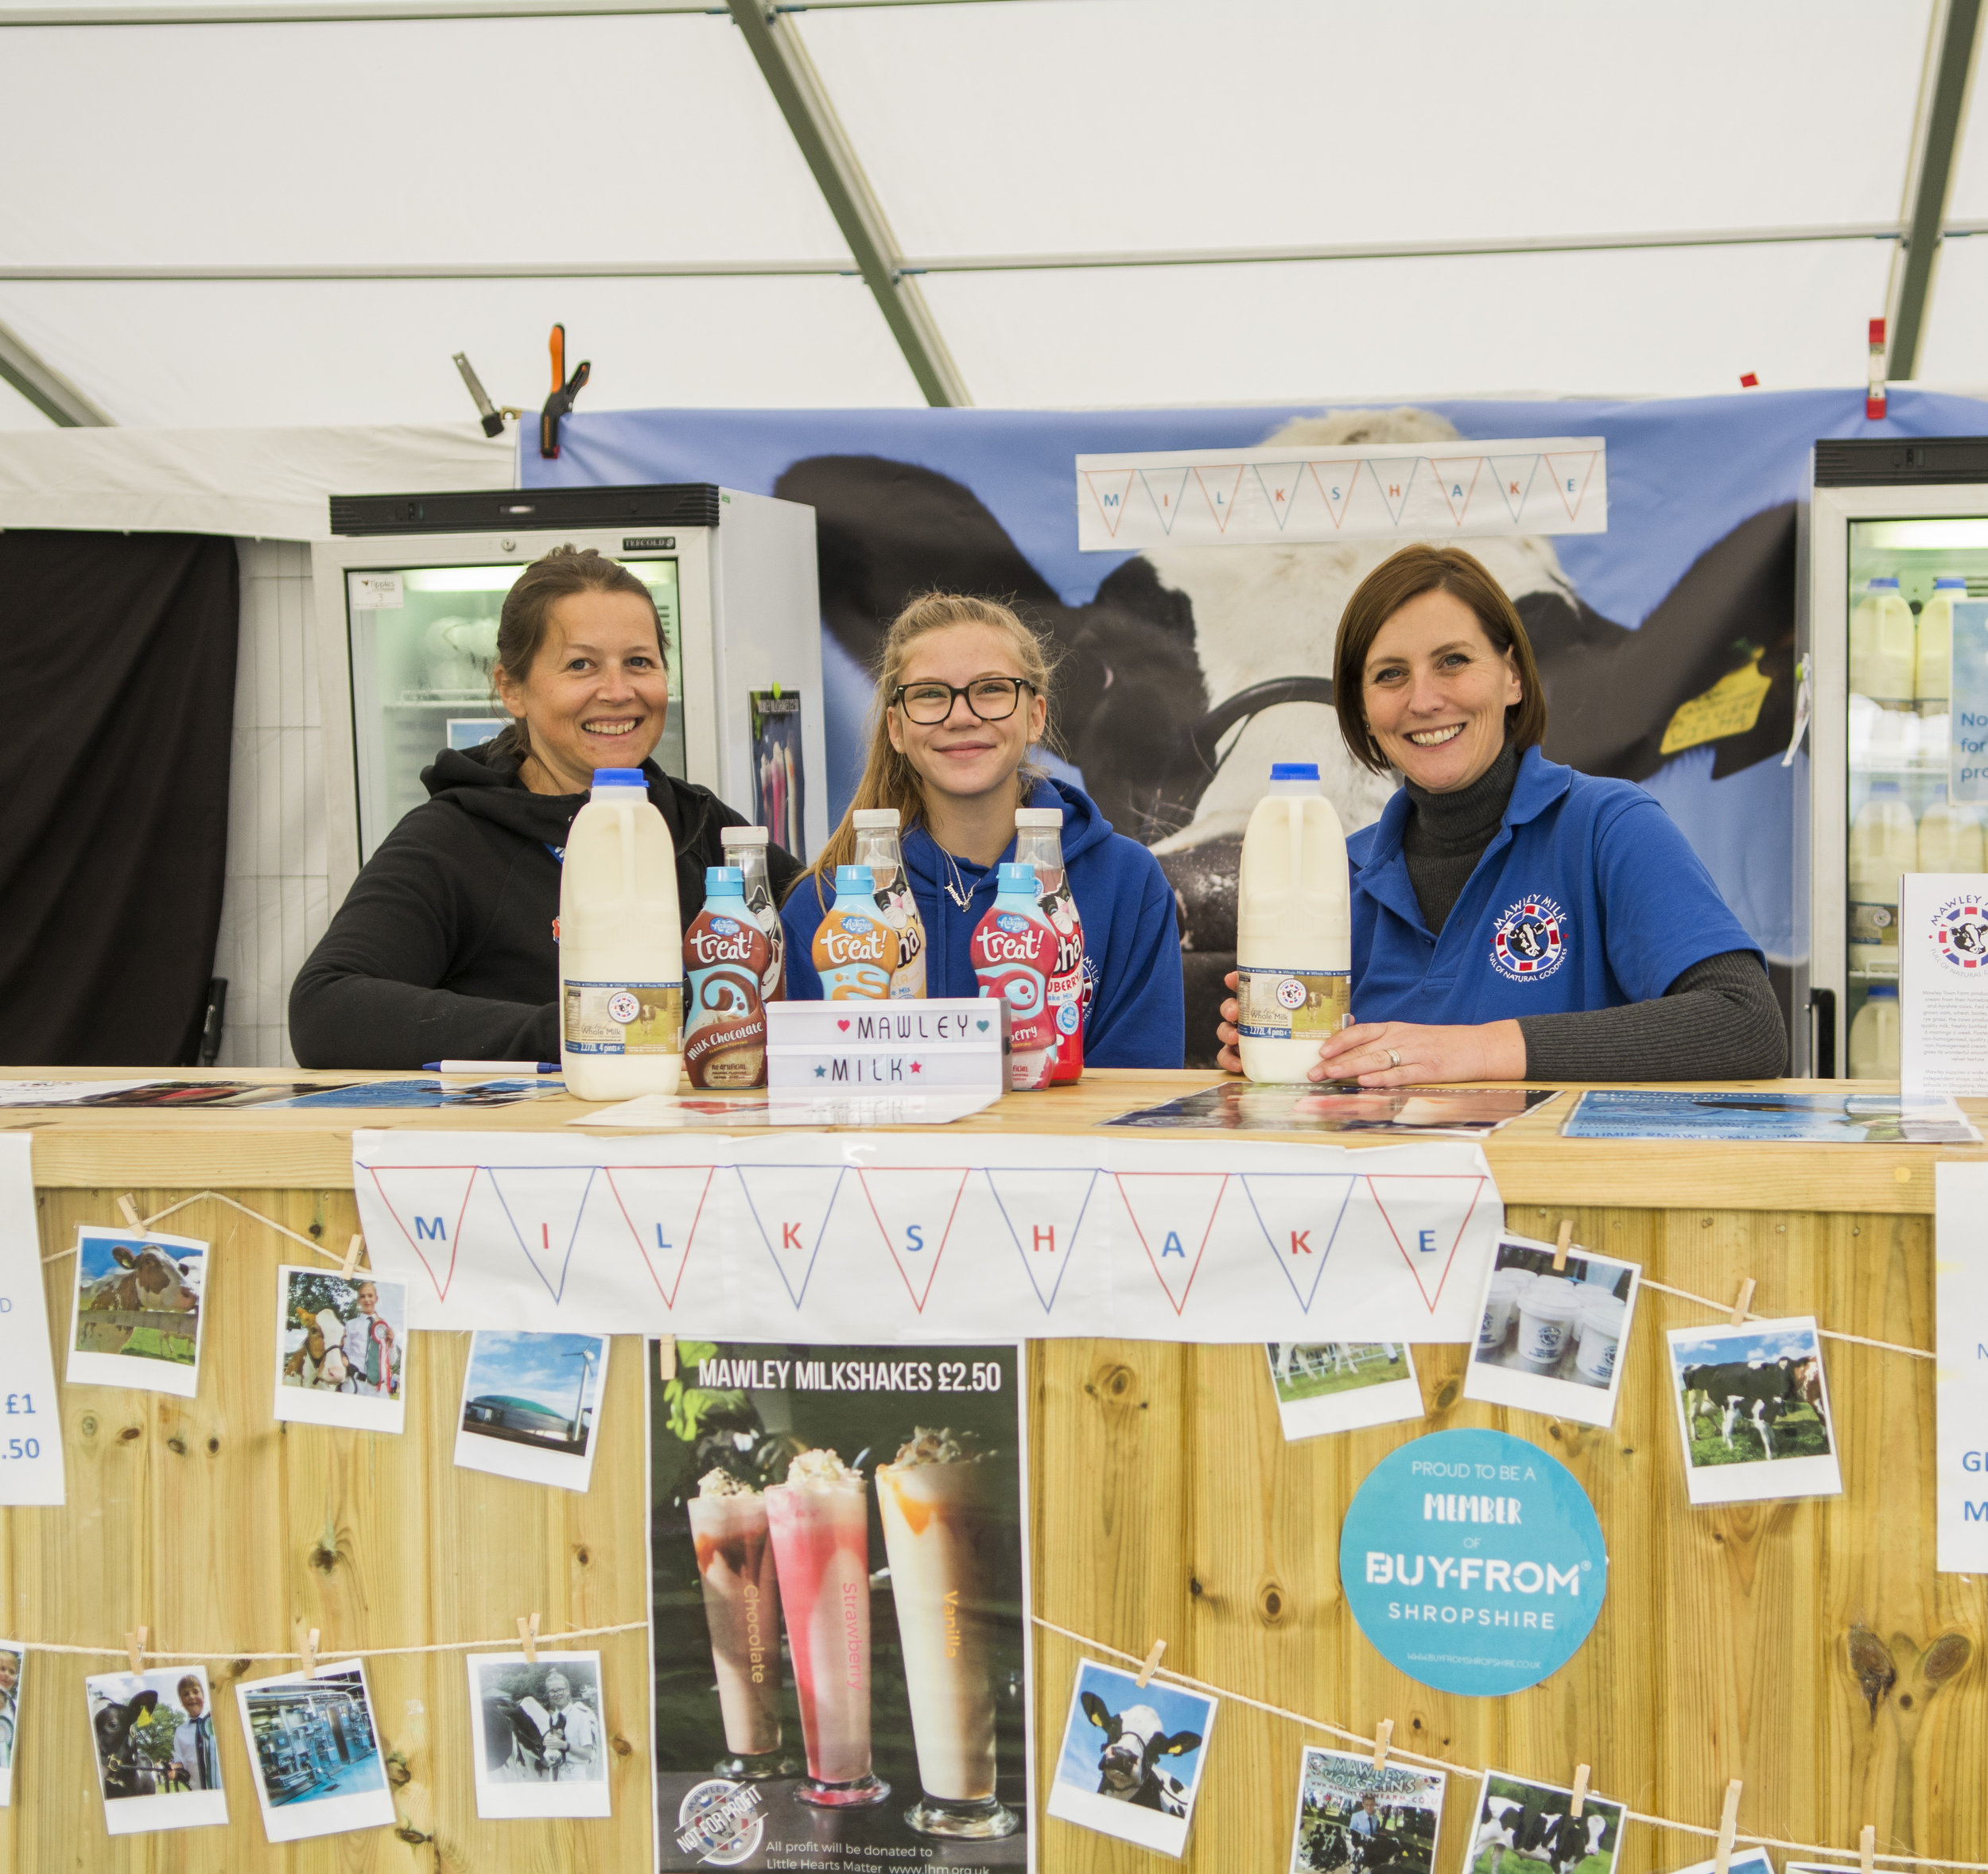 Shropshire Food and Drink Hub - Mawley Milk